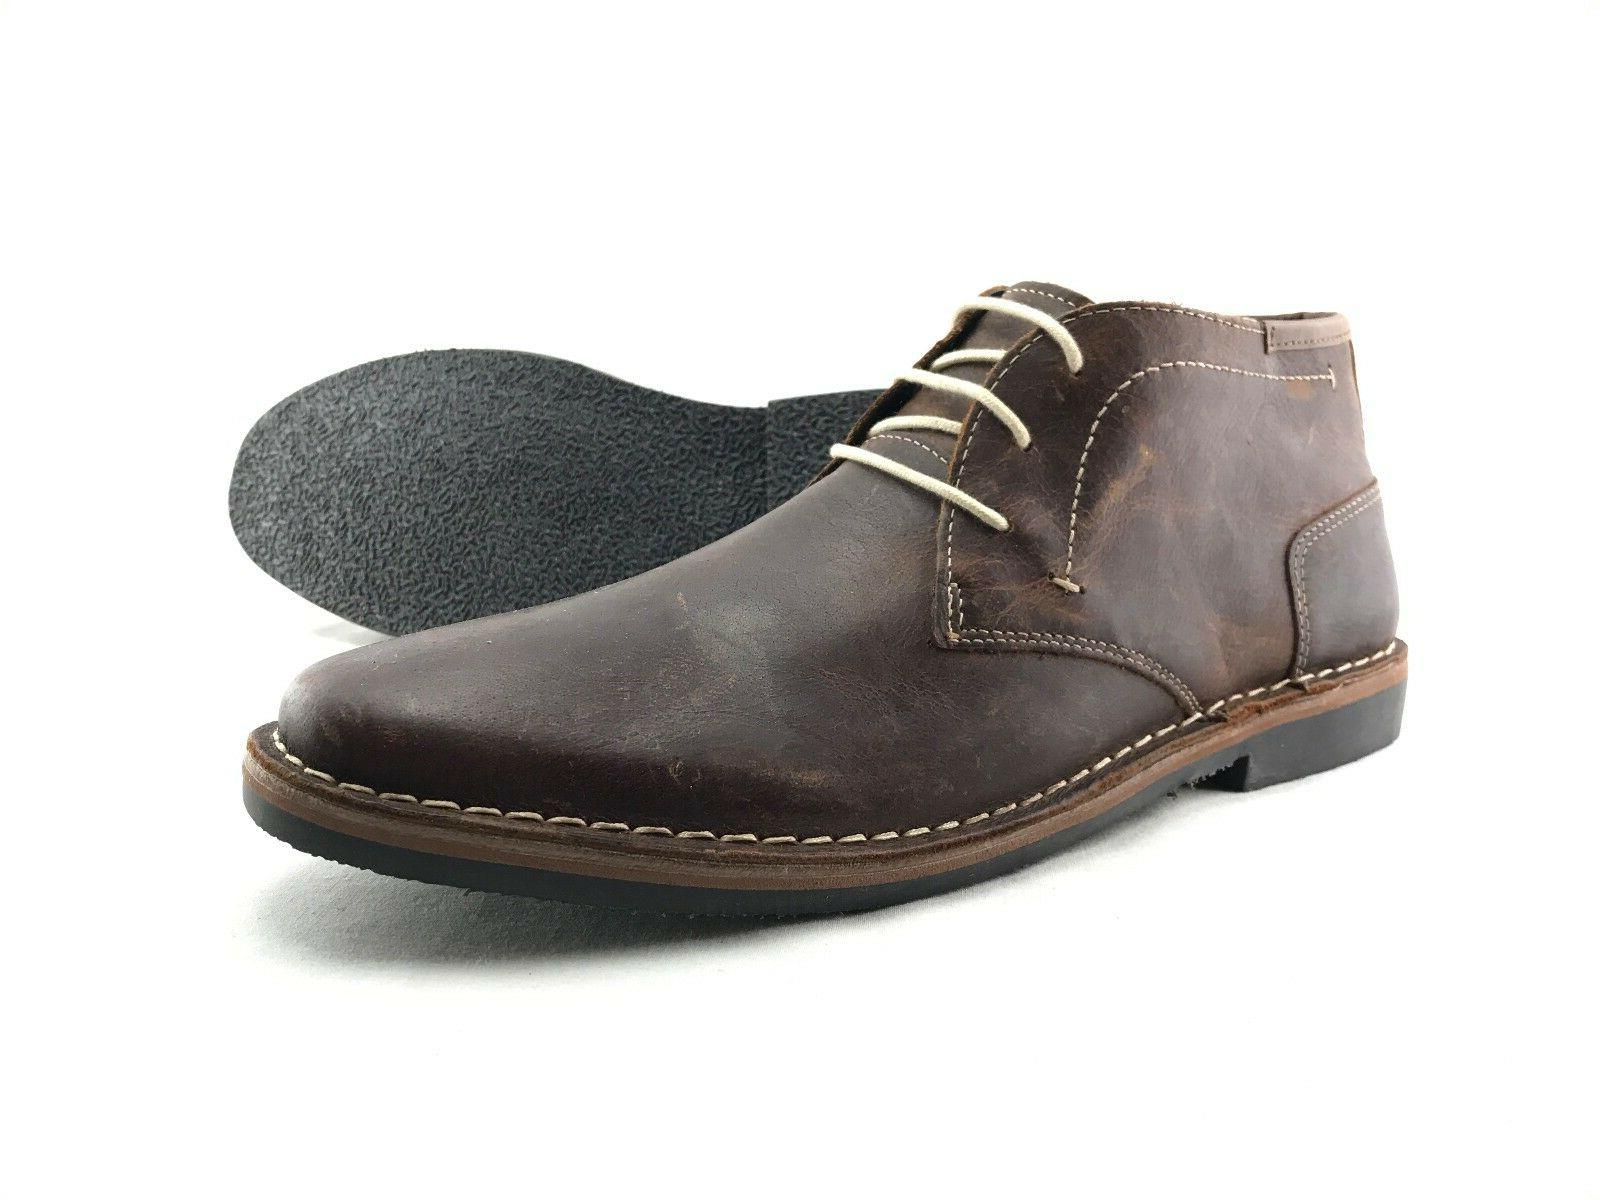 Steve Madden Hestonn Men's Brown Leather US Shoes